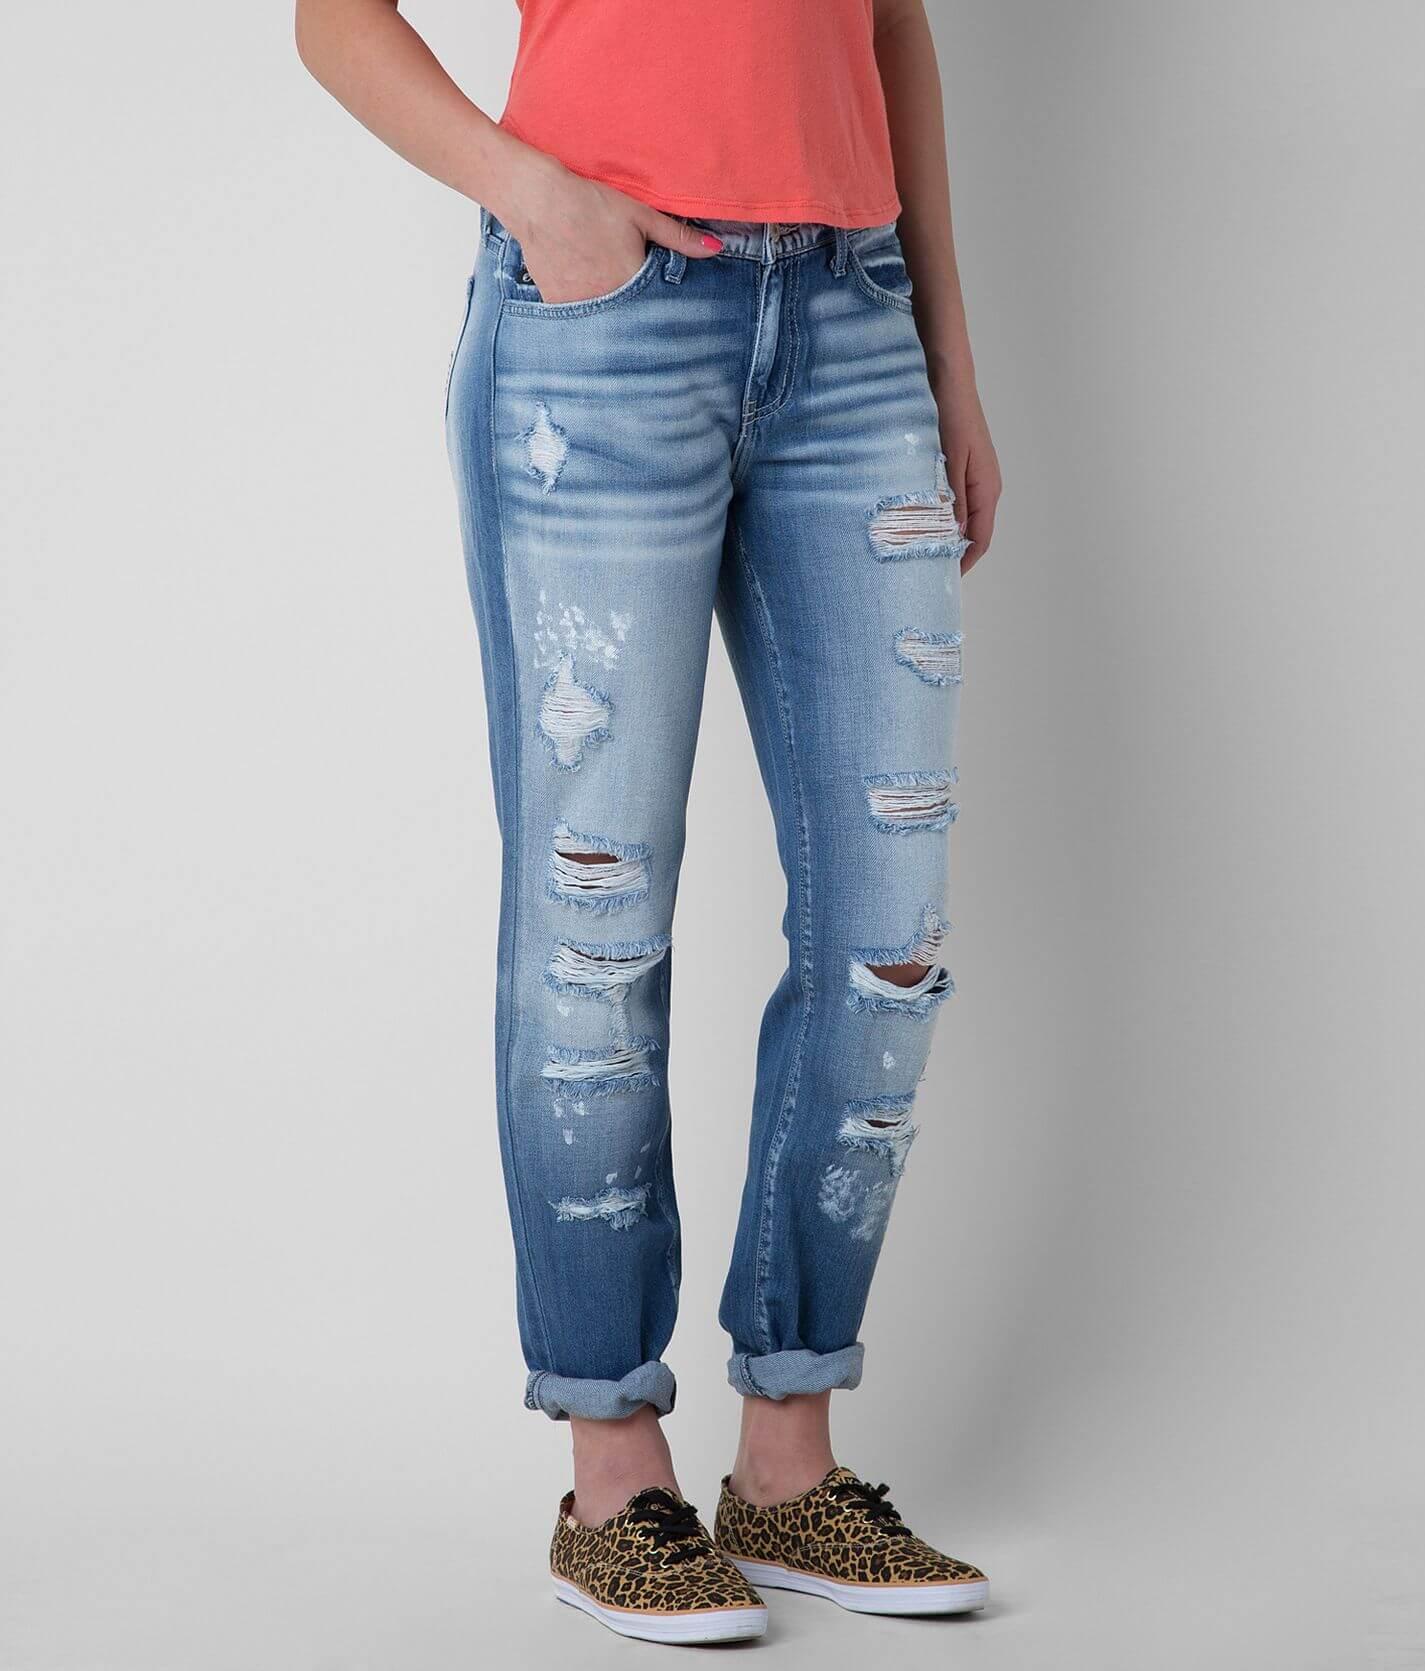 Kancan Mid Rise Boyfriend Jean Women S Jeans In Victoria Buckle